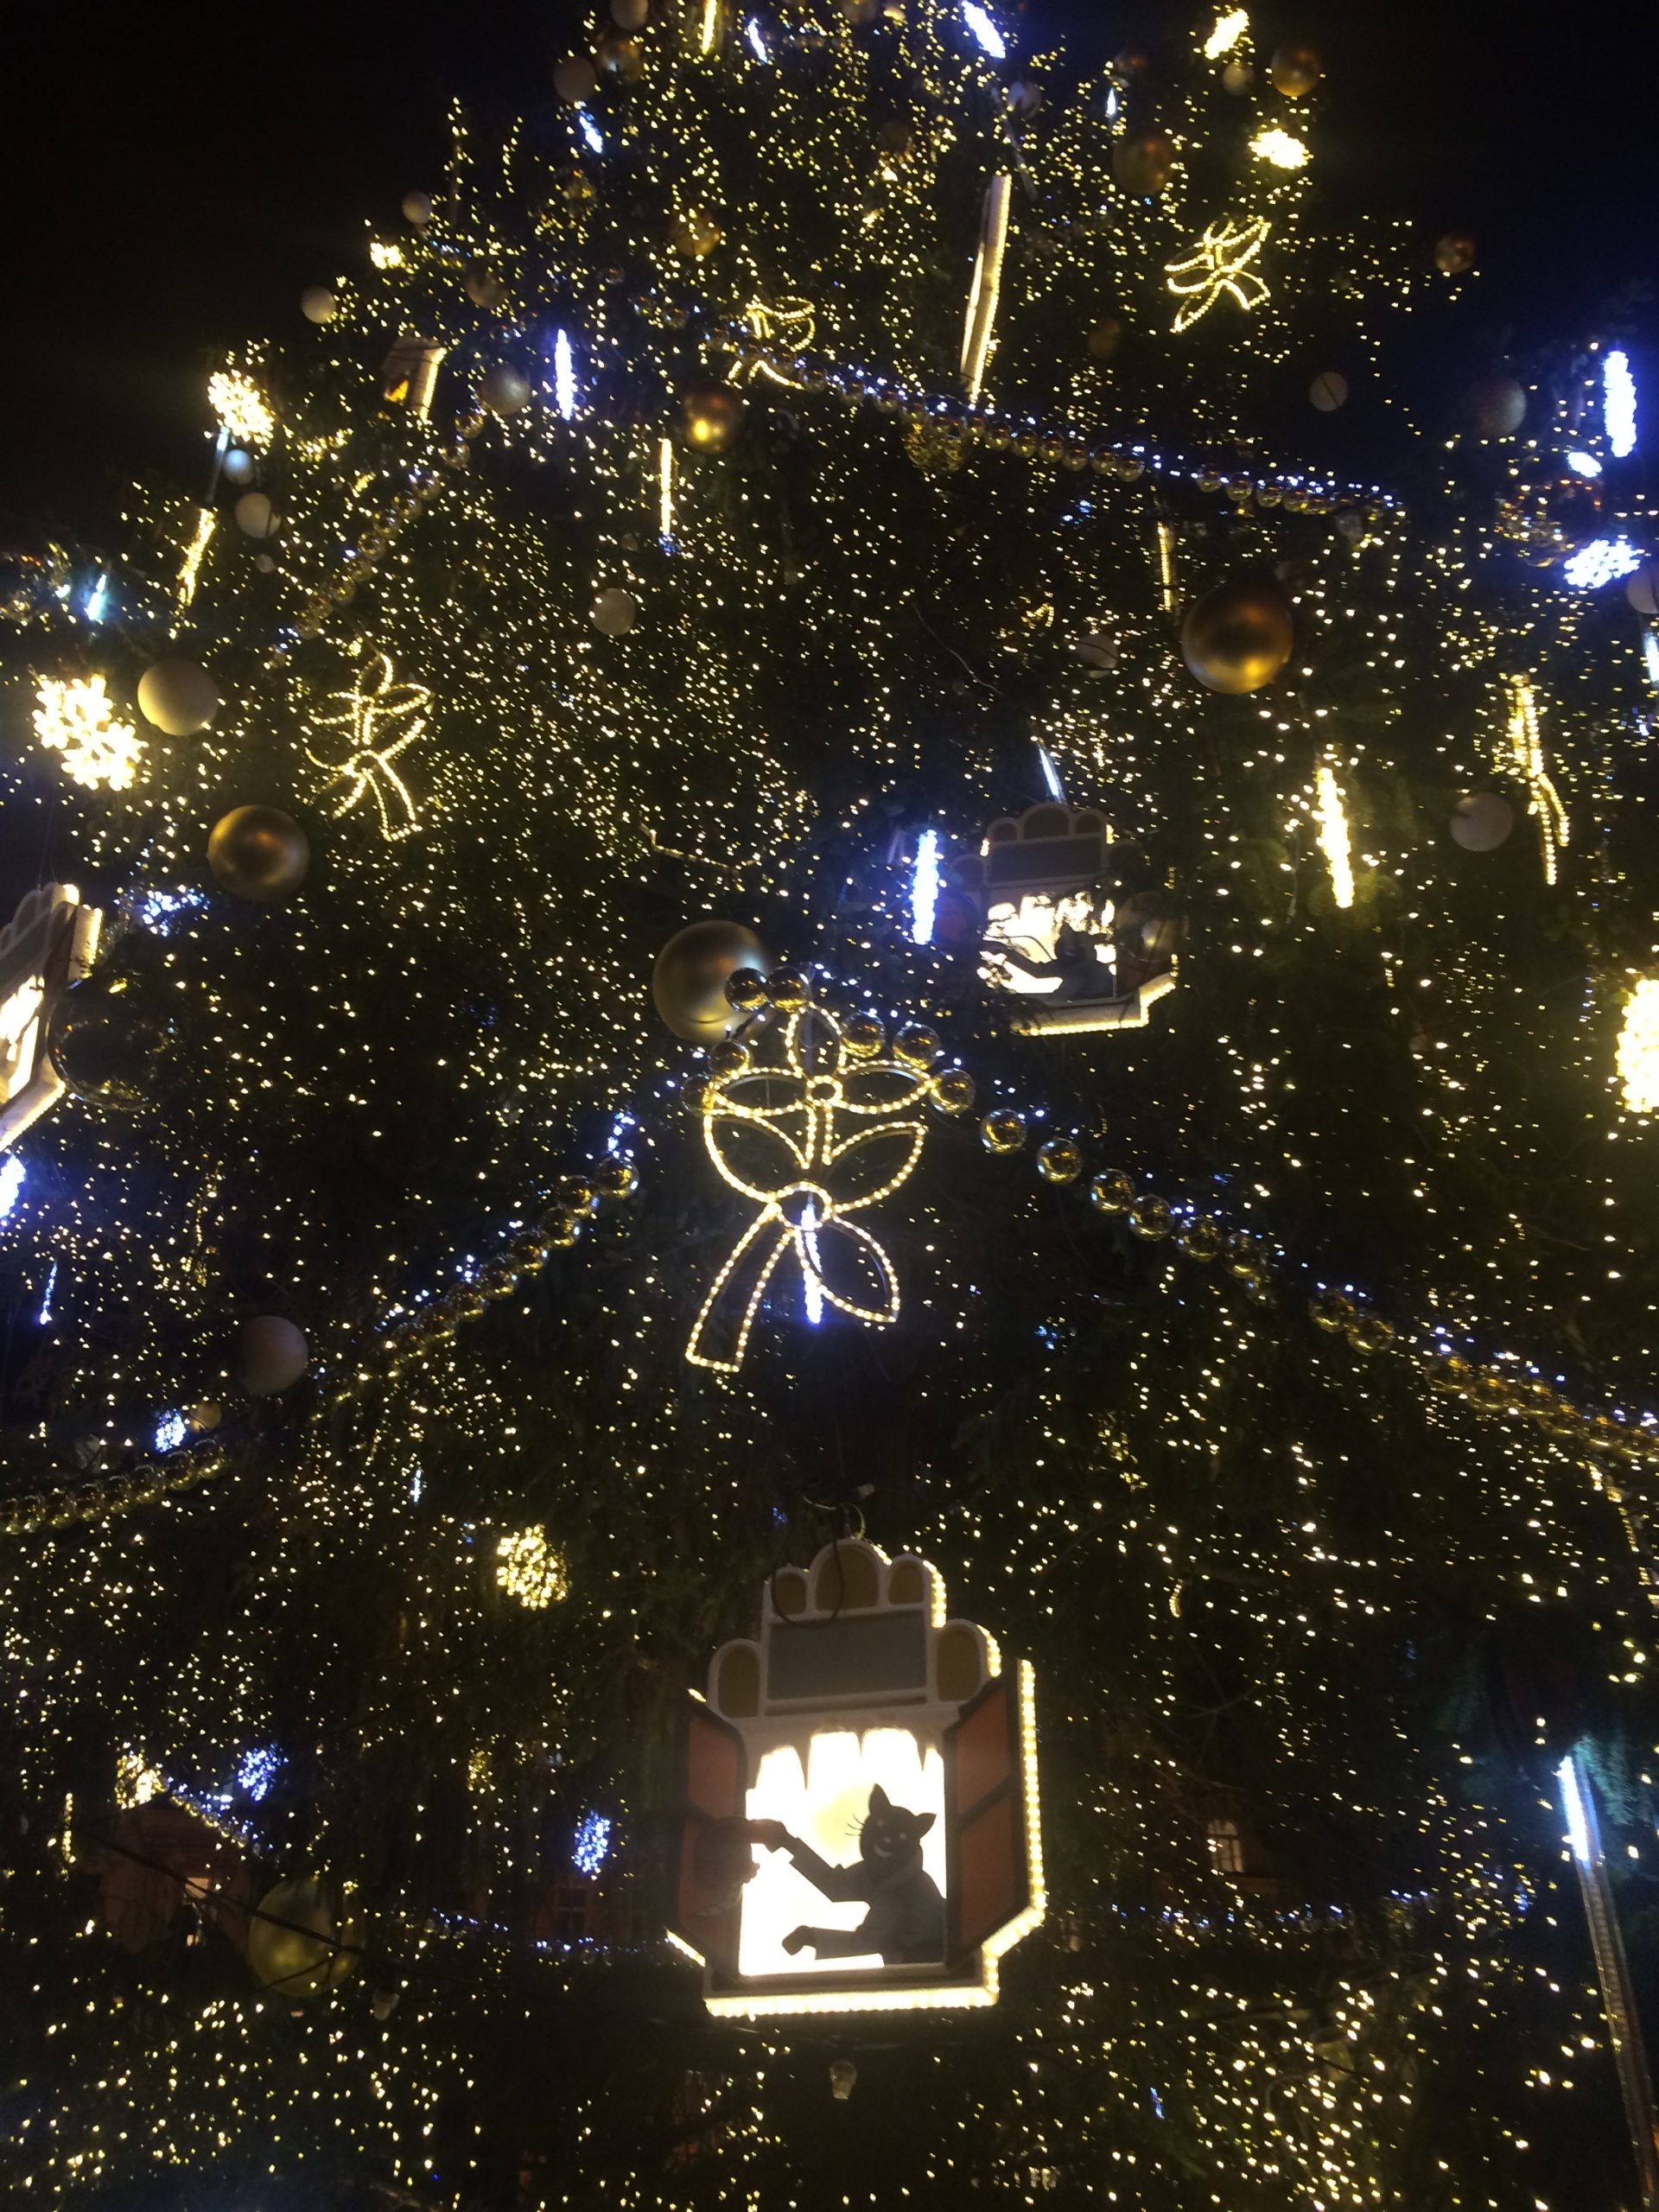 Адвент,период мира, добра и терпеливых ожиданий Рождества